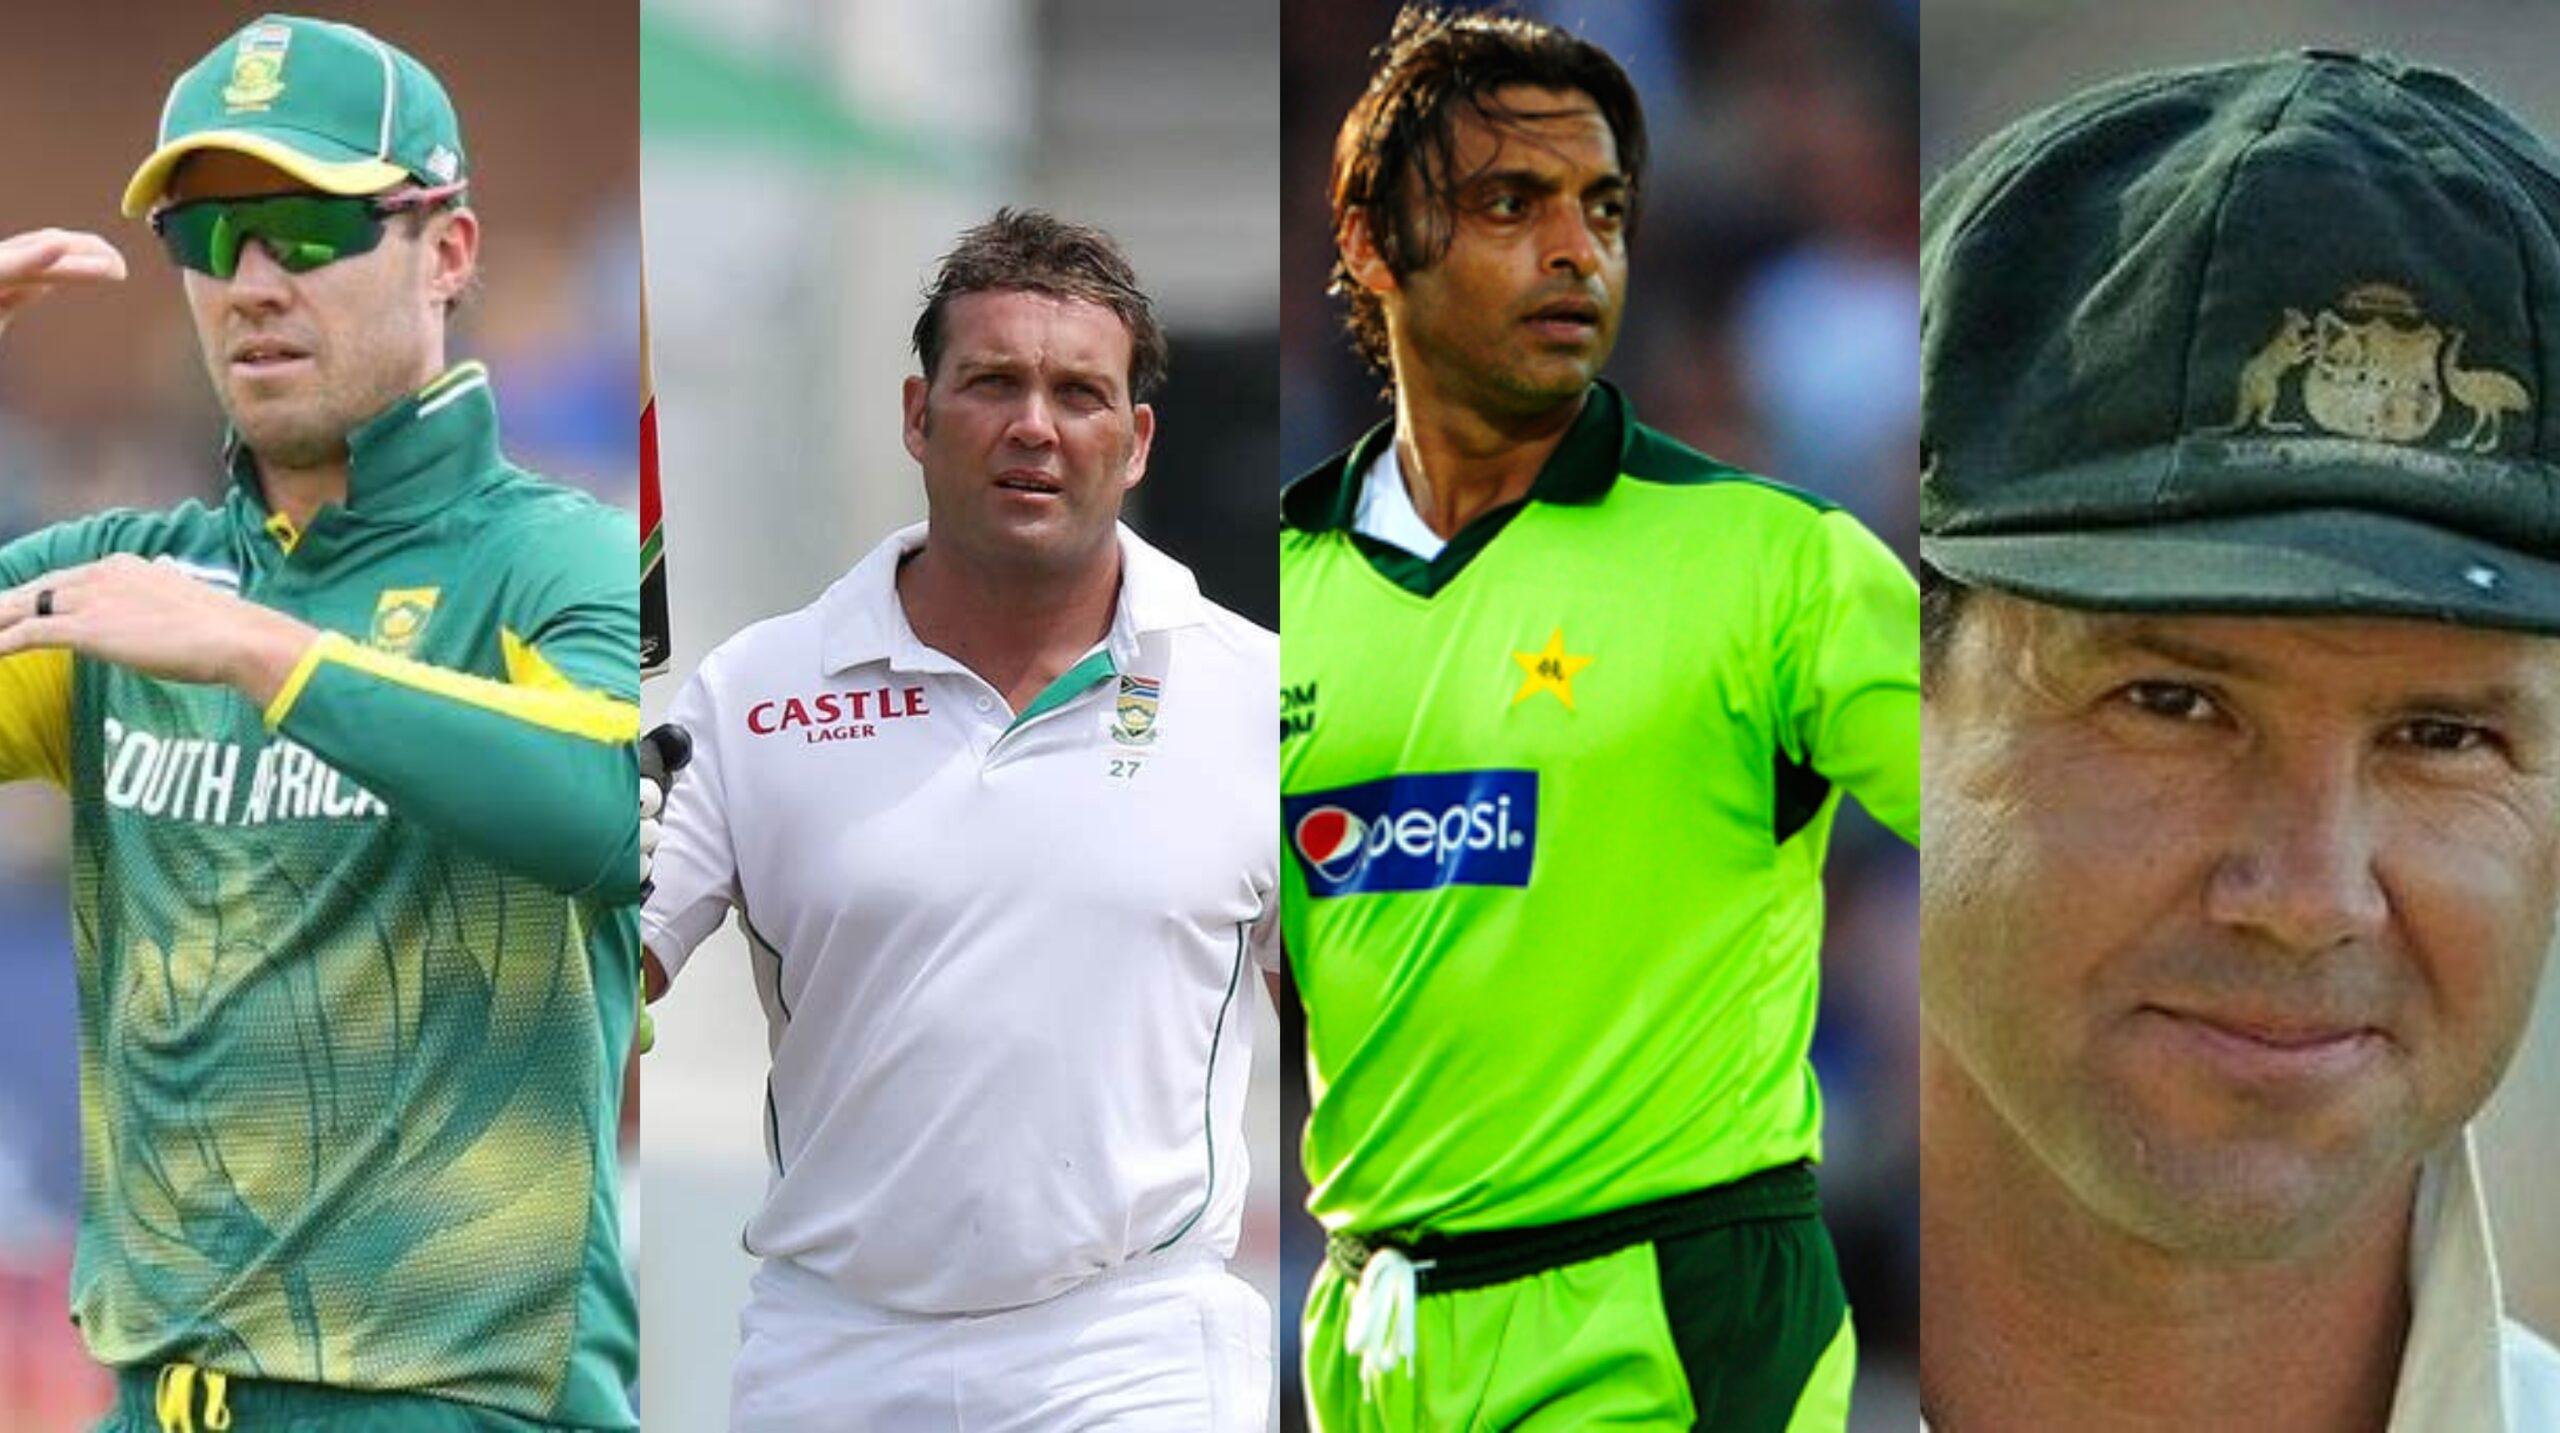 पूर्व साउथ अफ़्रीकी खिलाड़ी ने क्रिकेट के हर फिल्ड में चुना सर्वश्रेष्ठ खिलाड़ी, किसी भी भारतीय को नहीं दी जगह 11